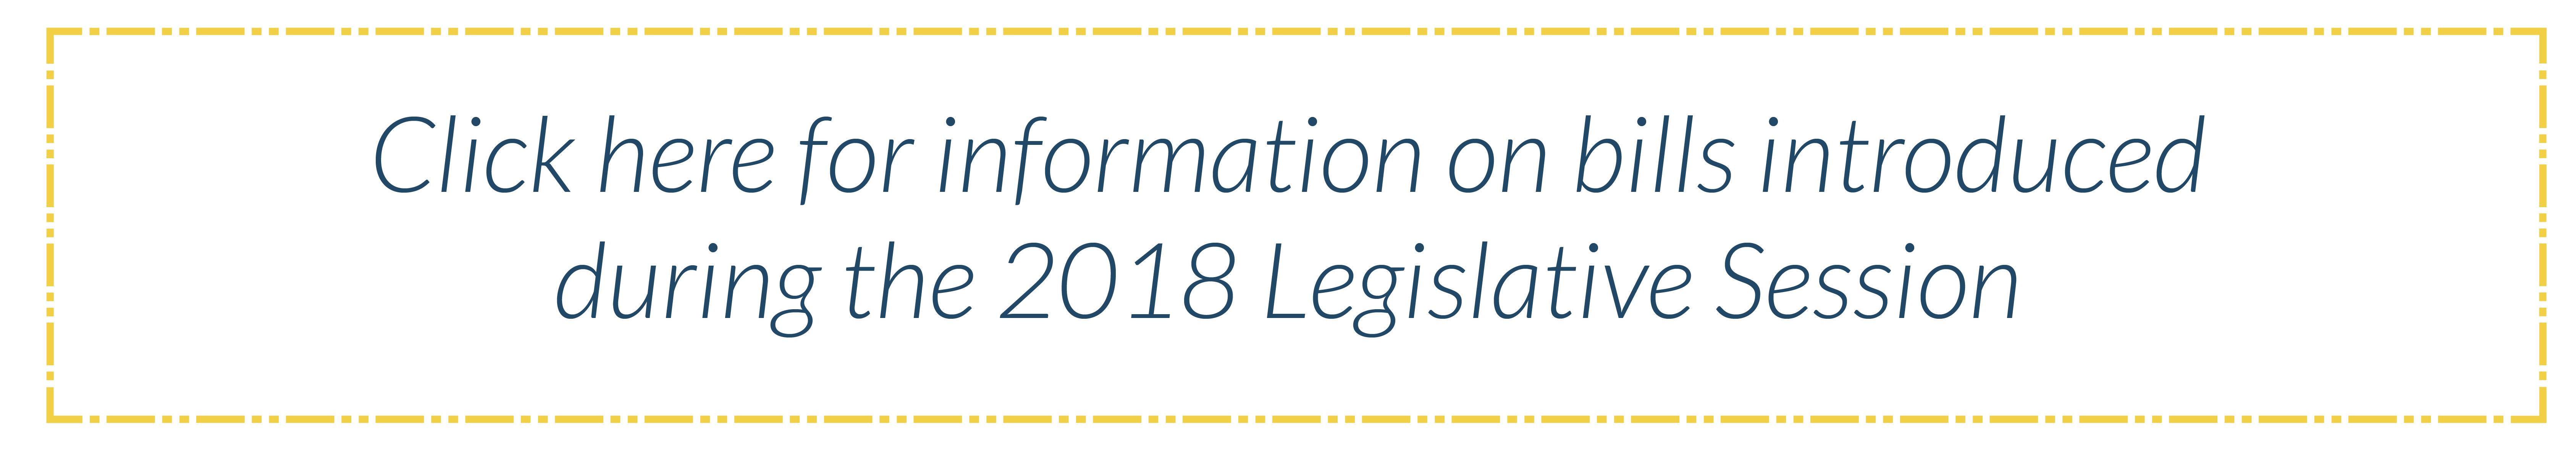 2018 Bills